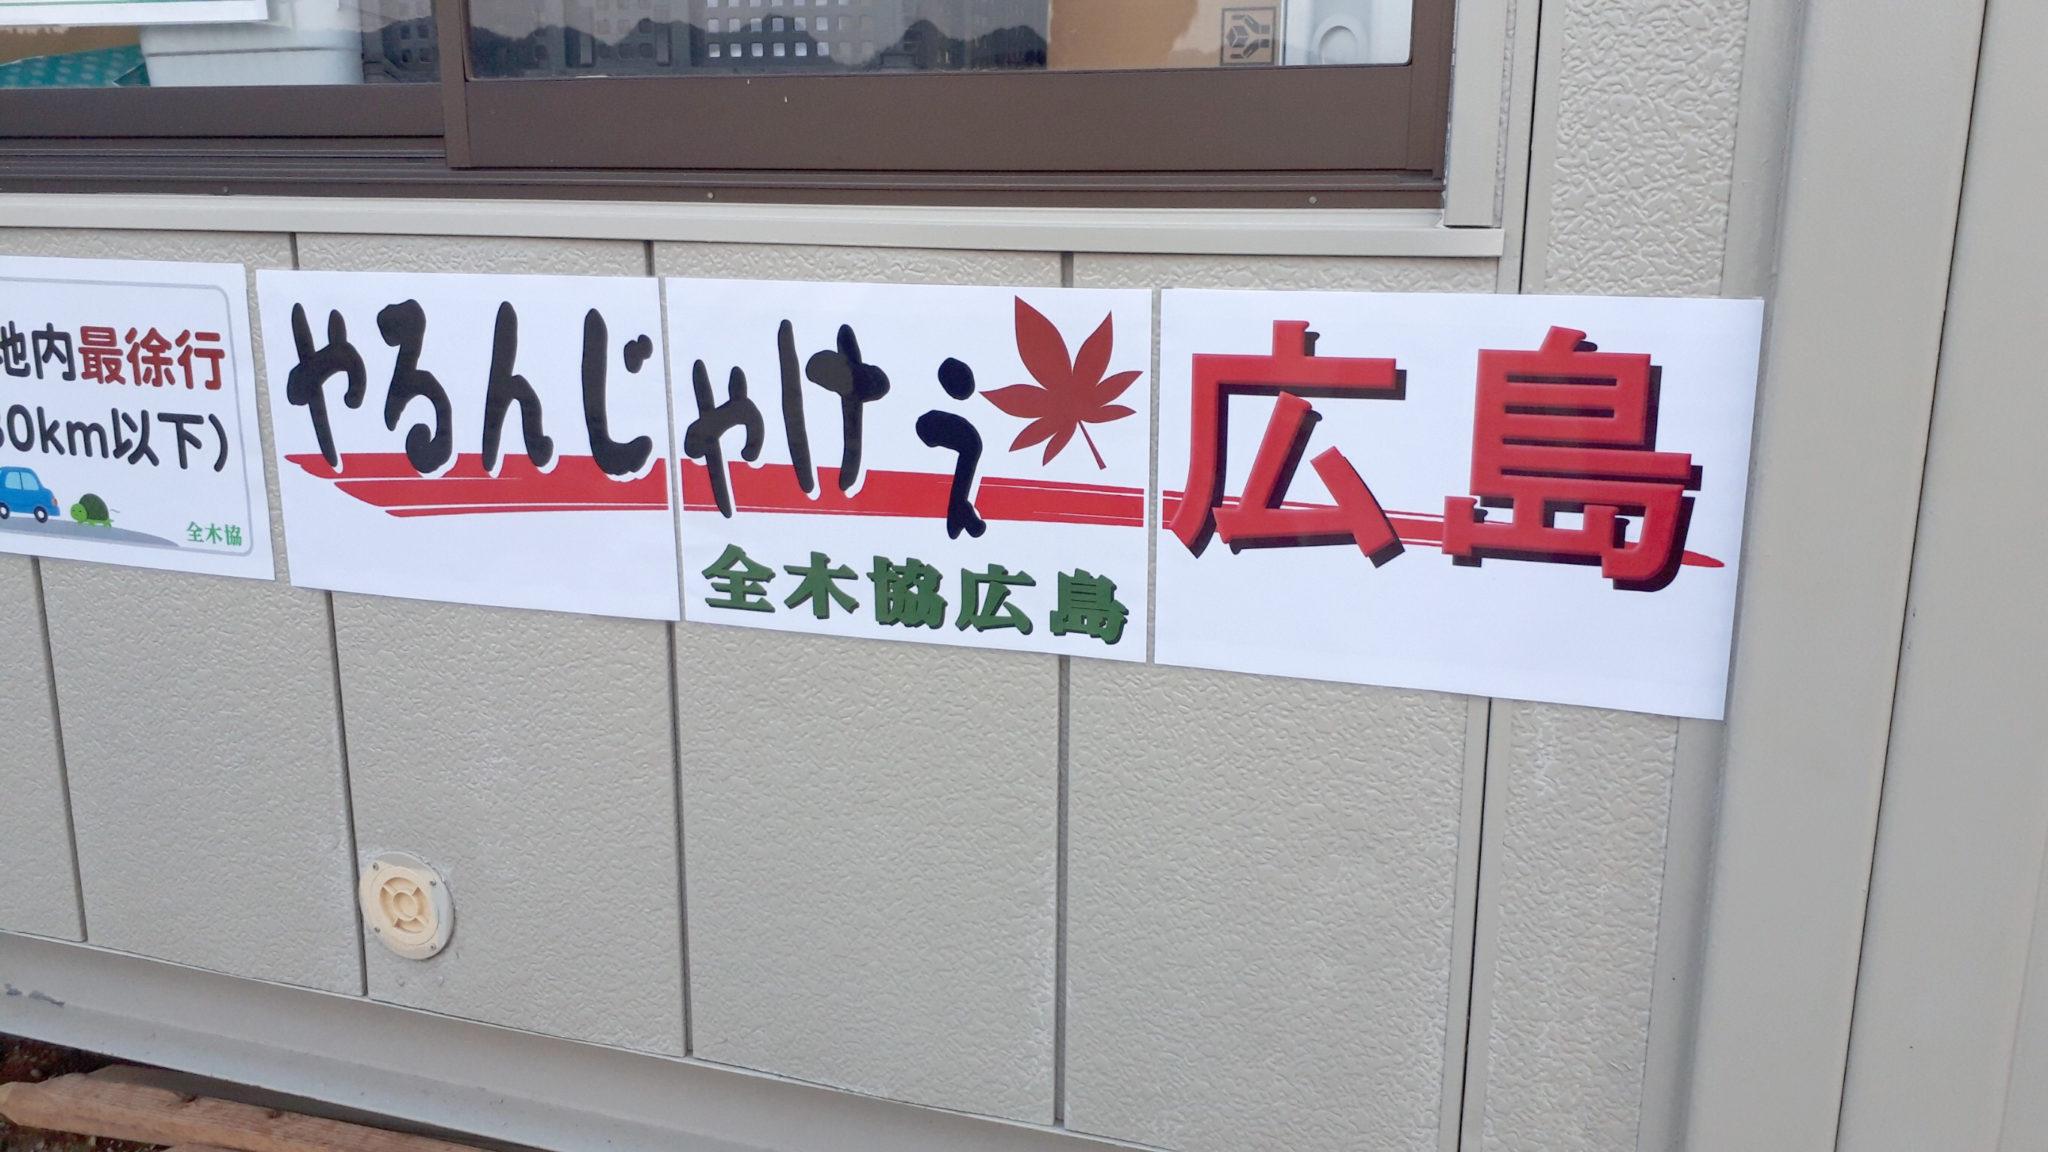 平成30年7月広島豪雨災害の復旧を願う全国木造建設事業会